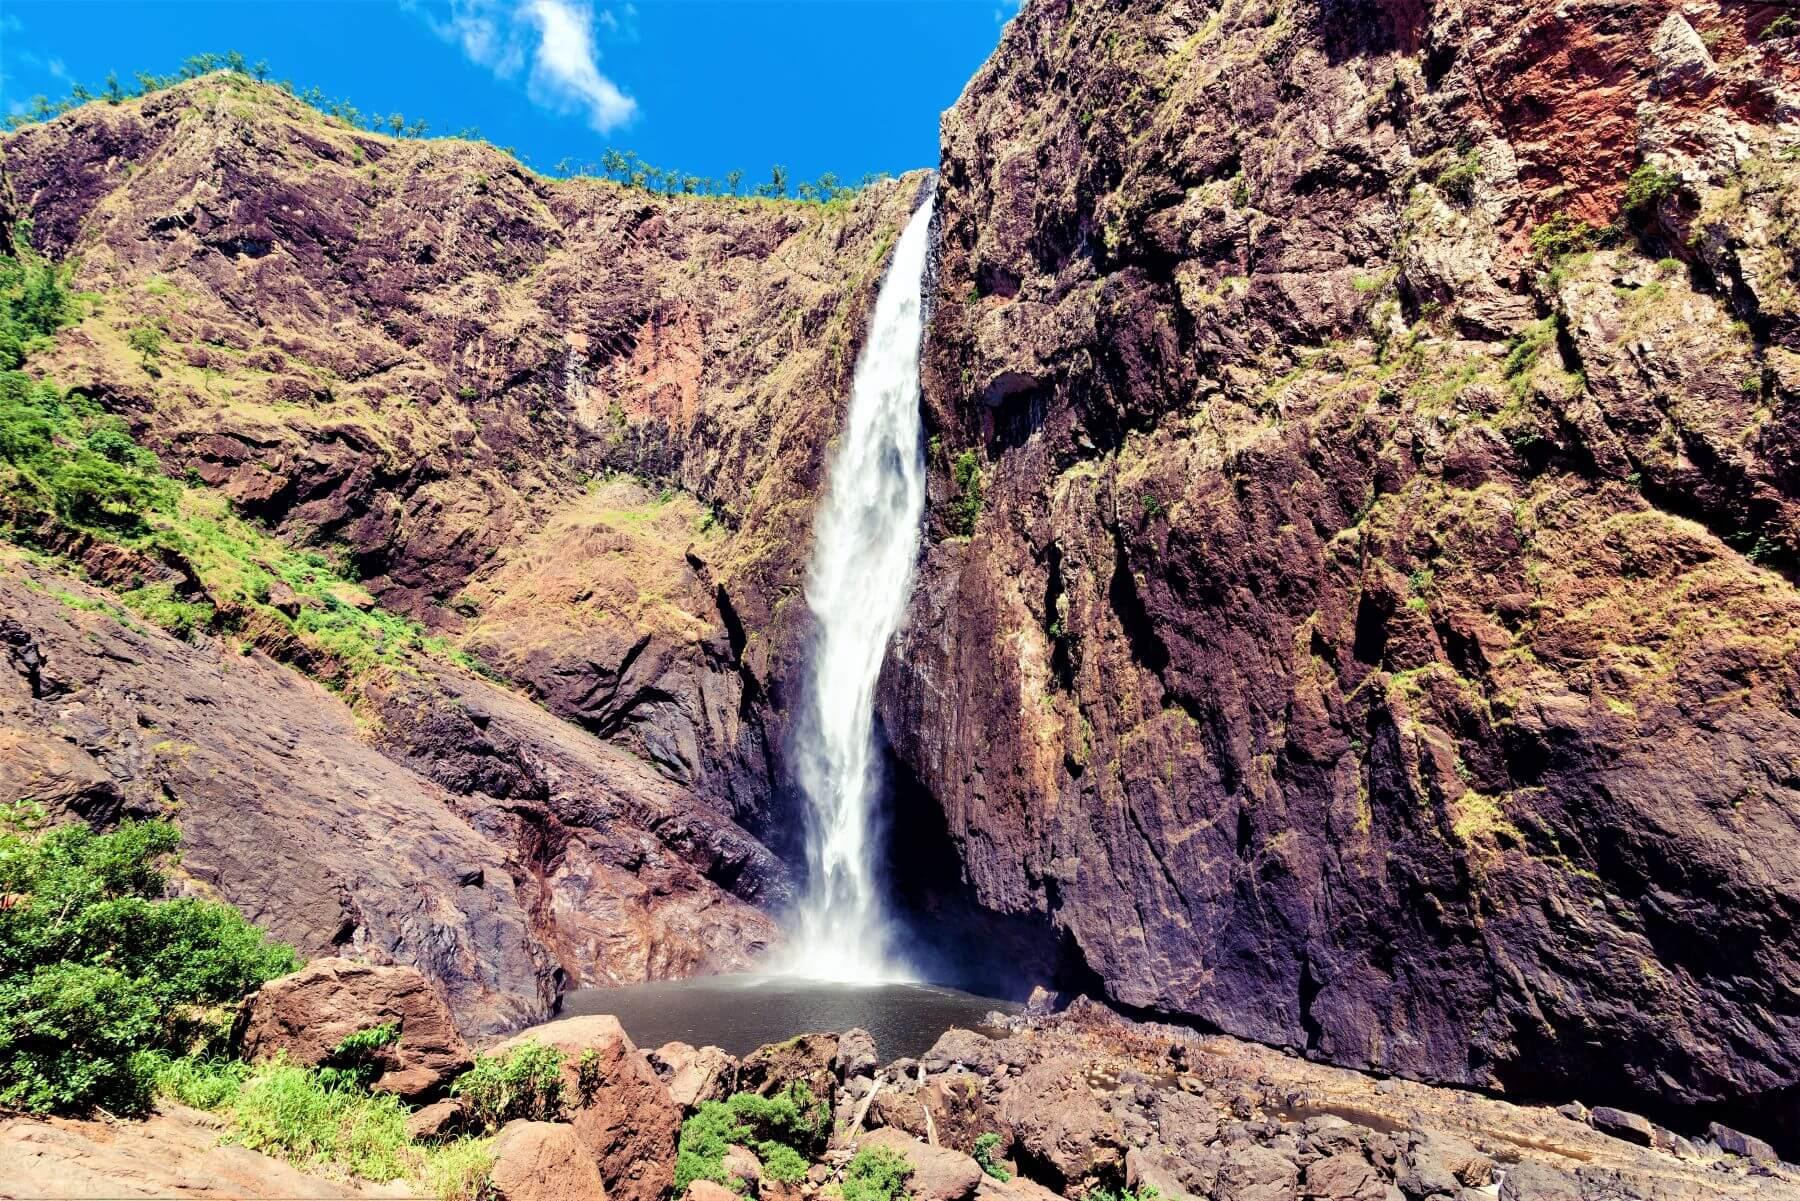 Wasserfall im Regenwald von Australien